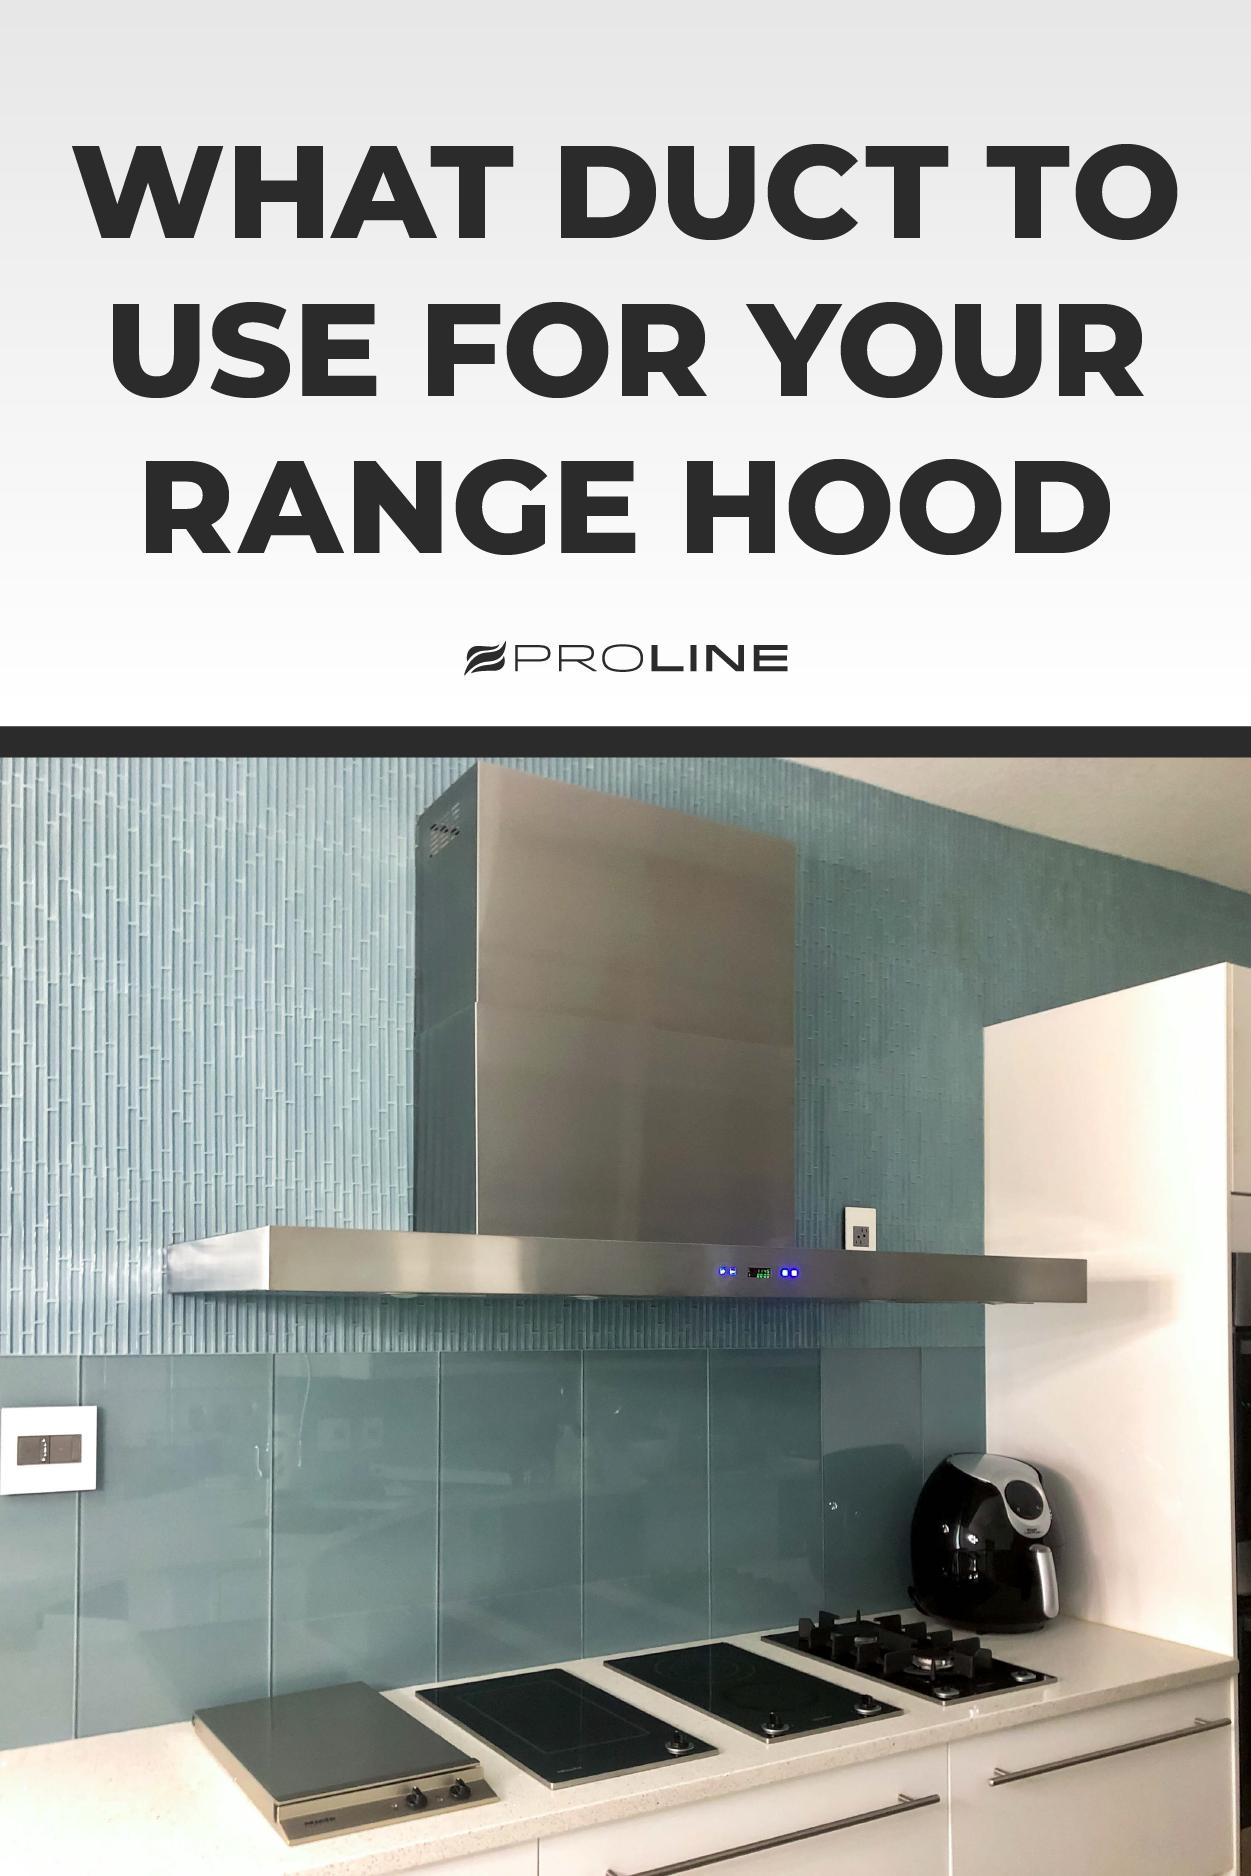 Best 600 Cfm Range Hoods And Buyer S Guide Range Hood Range Hoods Glass Range Hood